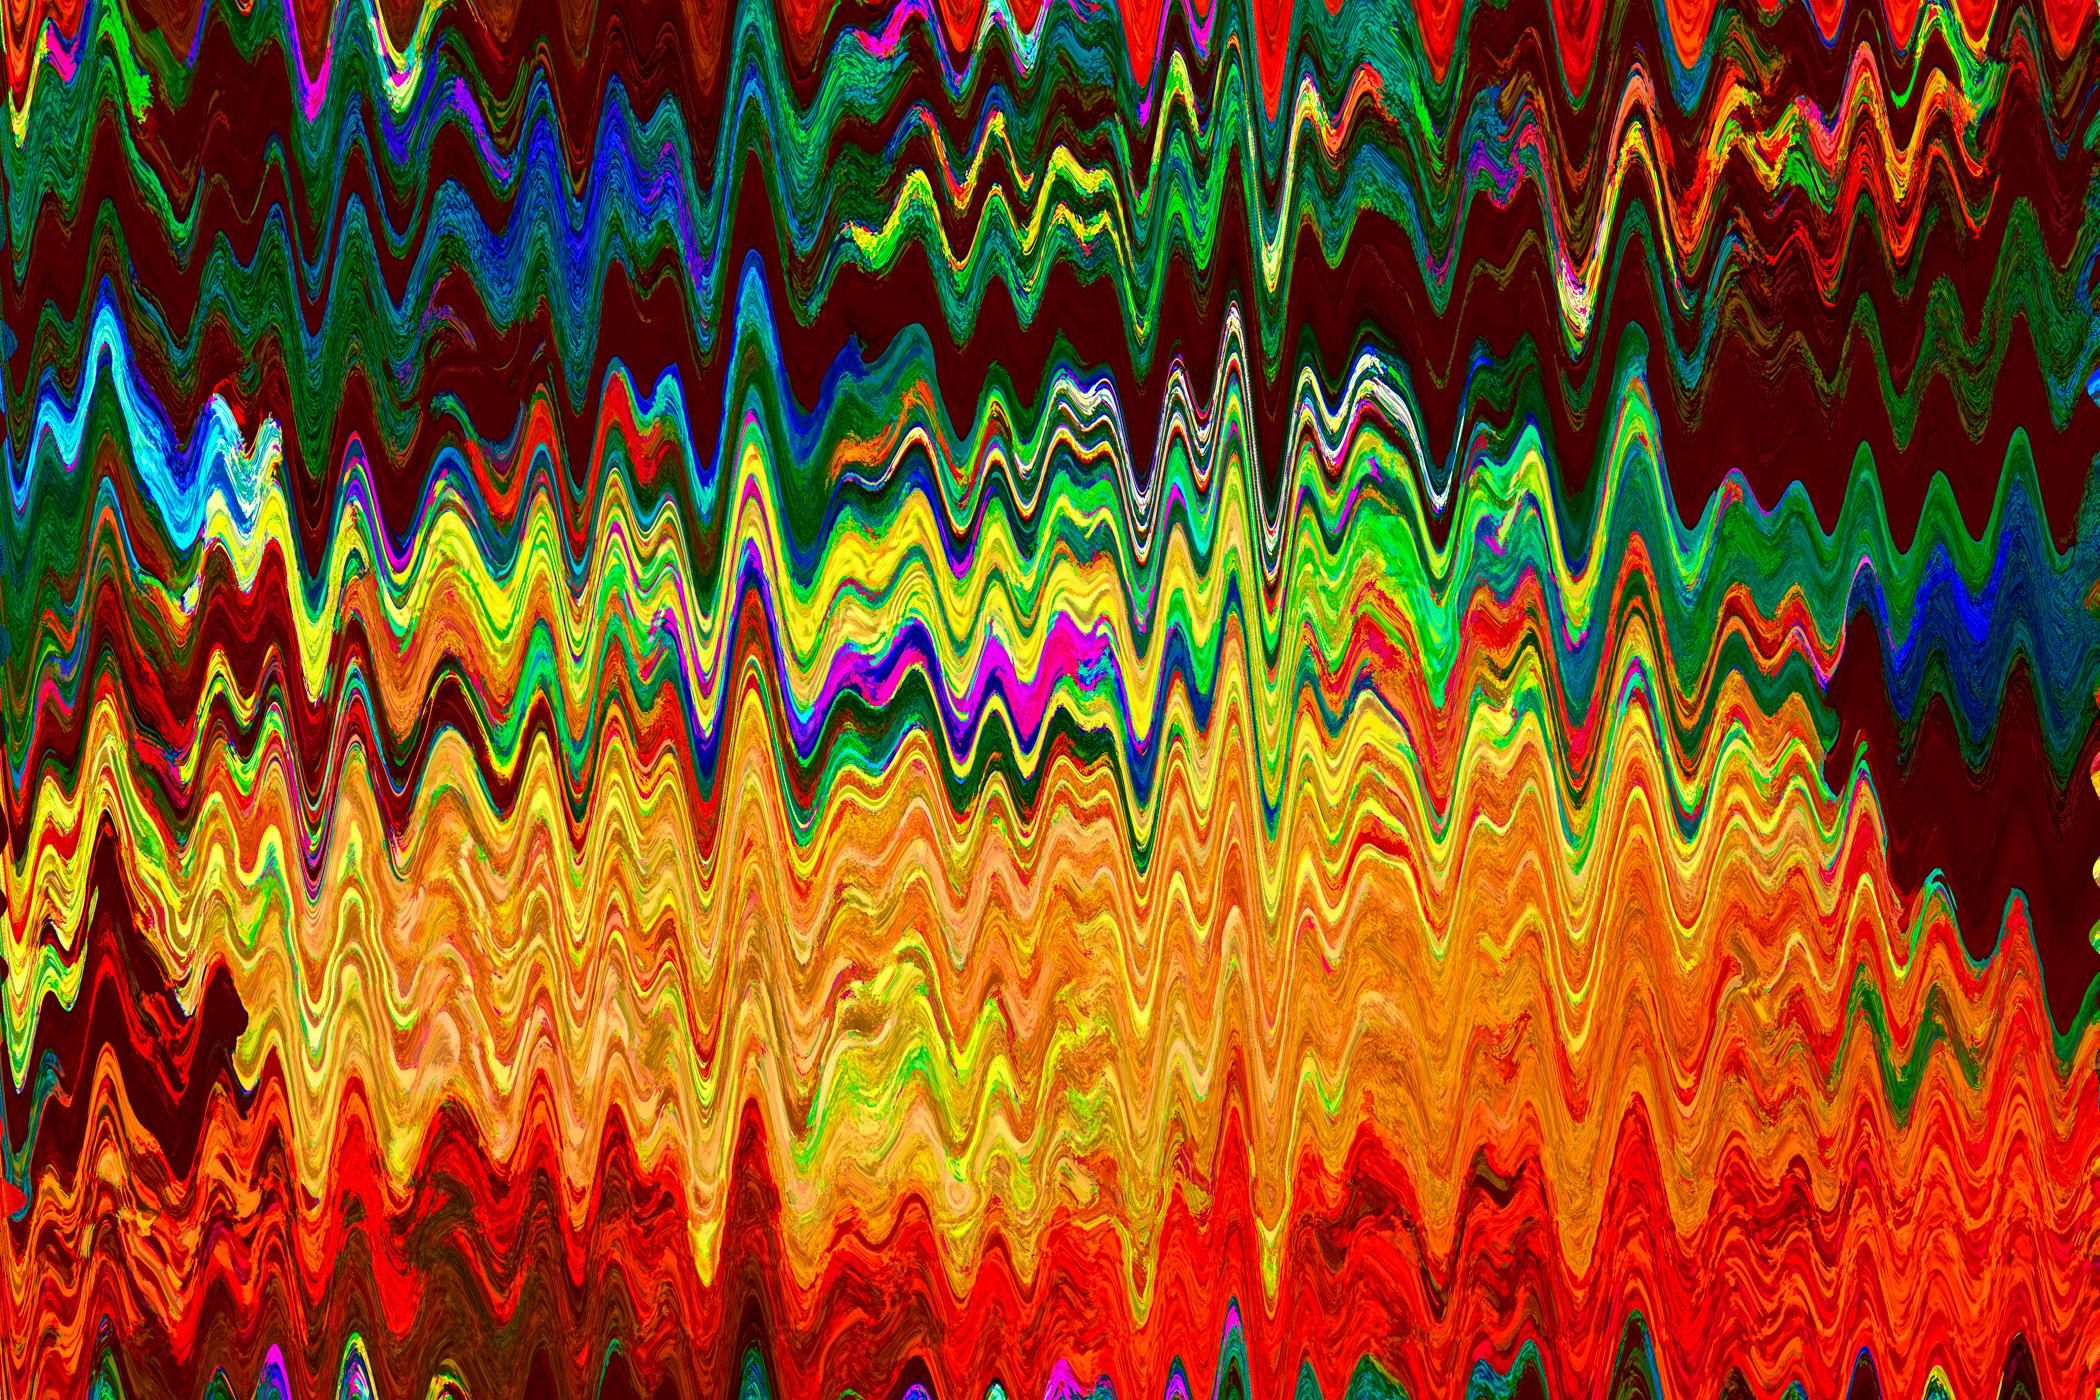 Waves-0377-Edit-Edit-Edit-3.jpg